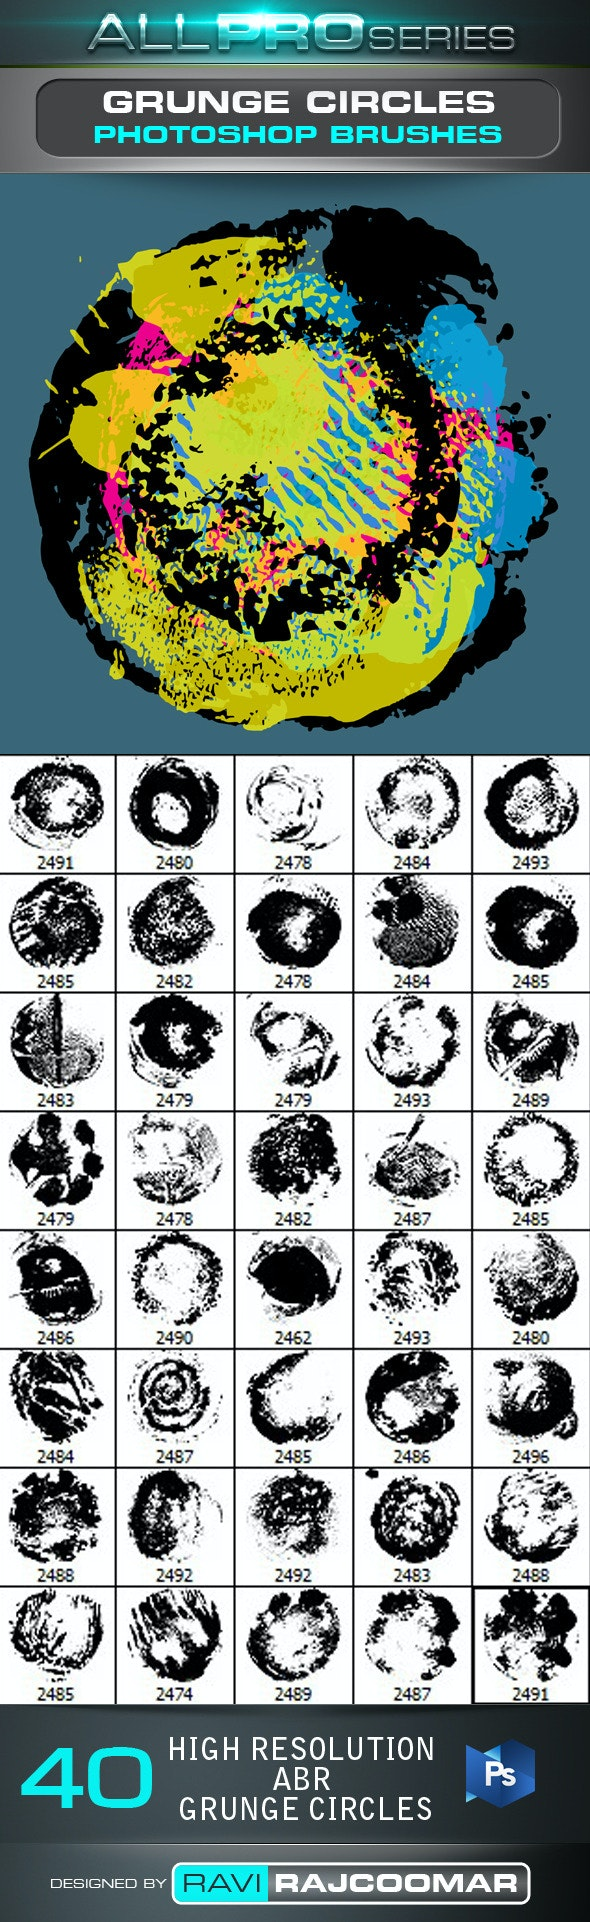 40 Grunge Circles Photoshop Brushes - Grunge Brushes